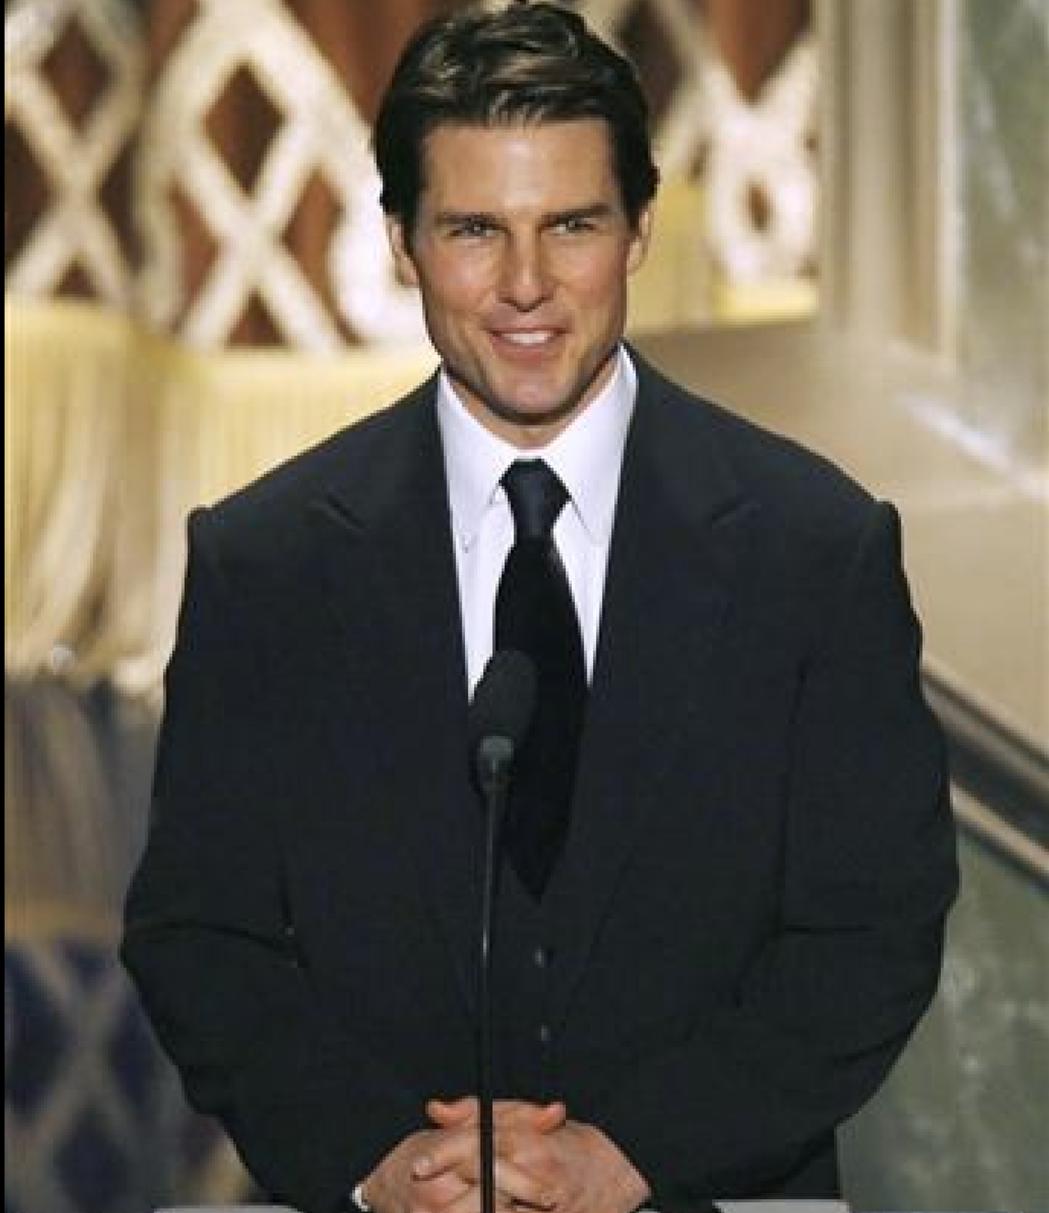 湯姆克魯斯一直以來都靠帥氣外表迷倒無數觀眾。(路透資料照片)